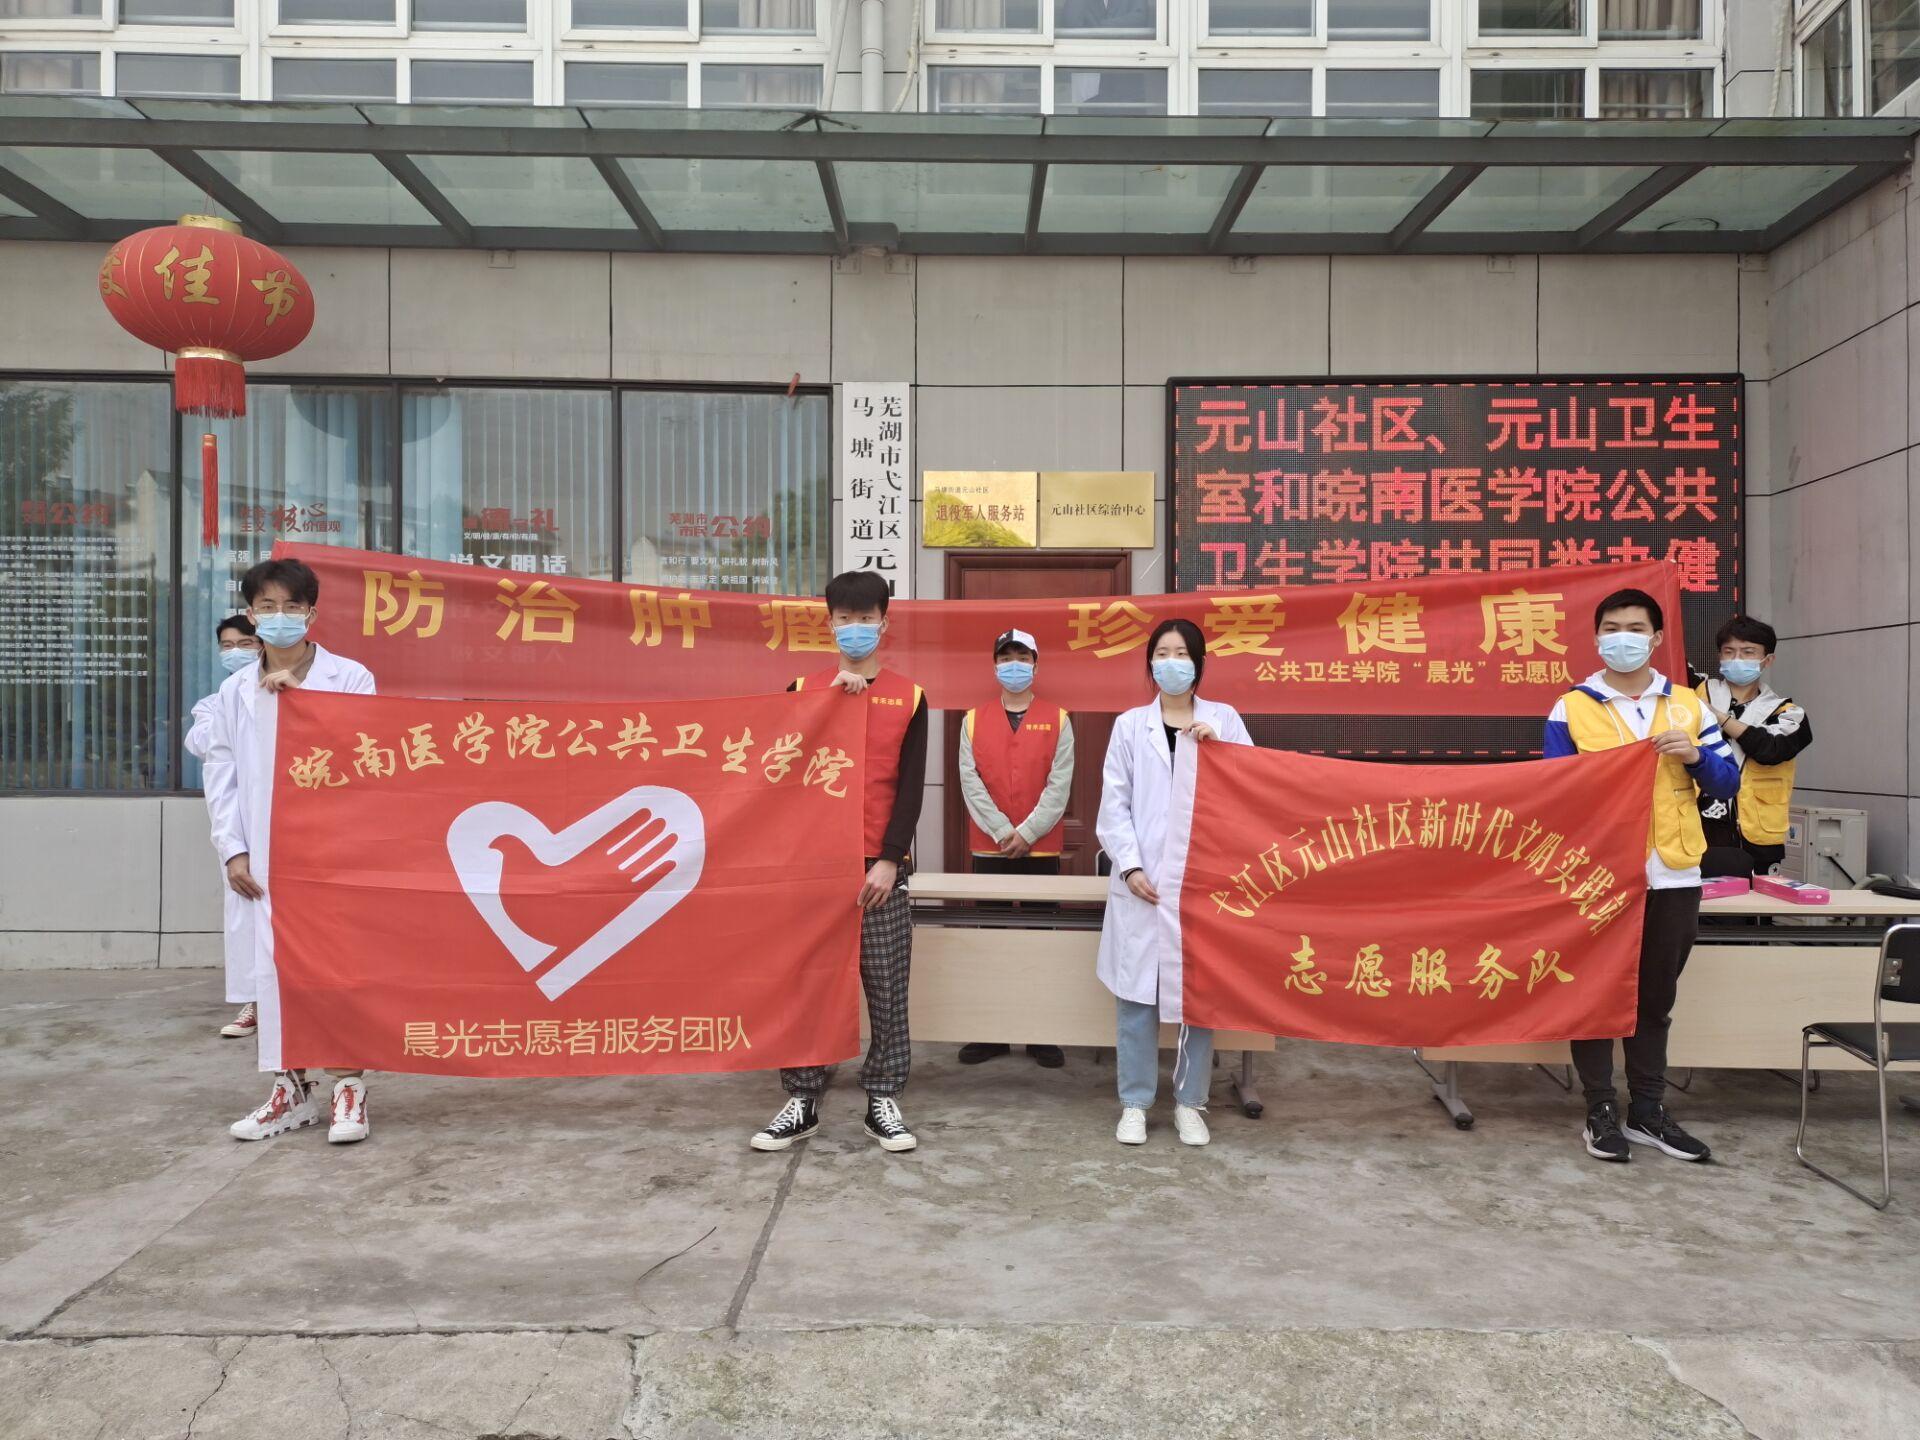 """皖南医学院公共卫生学院""""晨光""""志愿服务队成功举办马塘社区防治肿瘤义诊活动"""